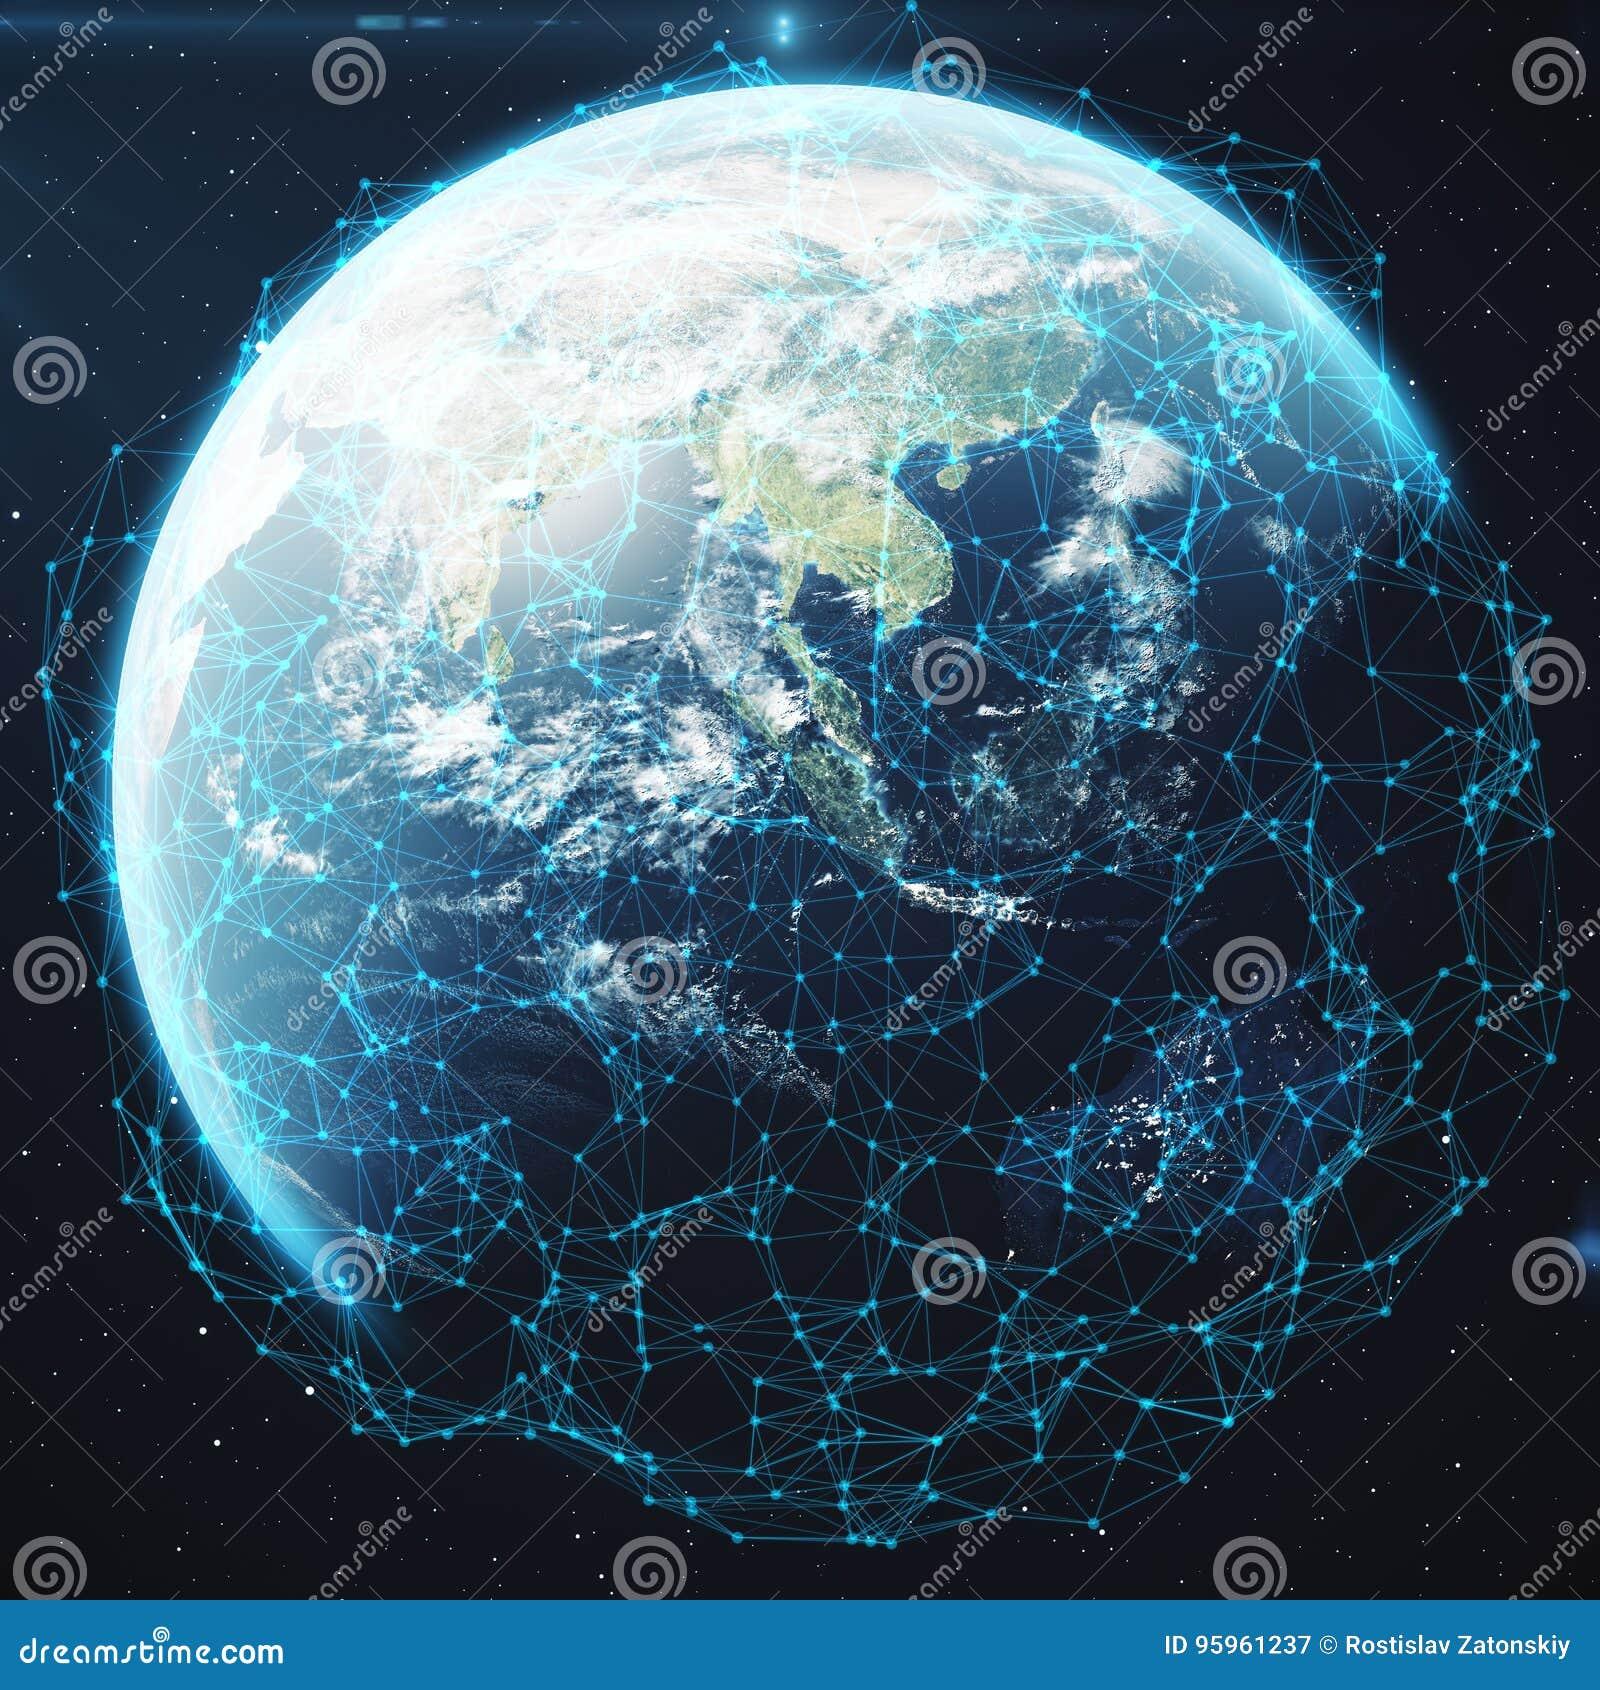 τρισδιάστατη δίνοντας ανταλλαγή δικτύων και στοιχείων πέρα από το πλανήτη Γη στο διάστημα Γραμμές σύνδεσης σε όλη τη γήινη υδρόγε